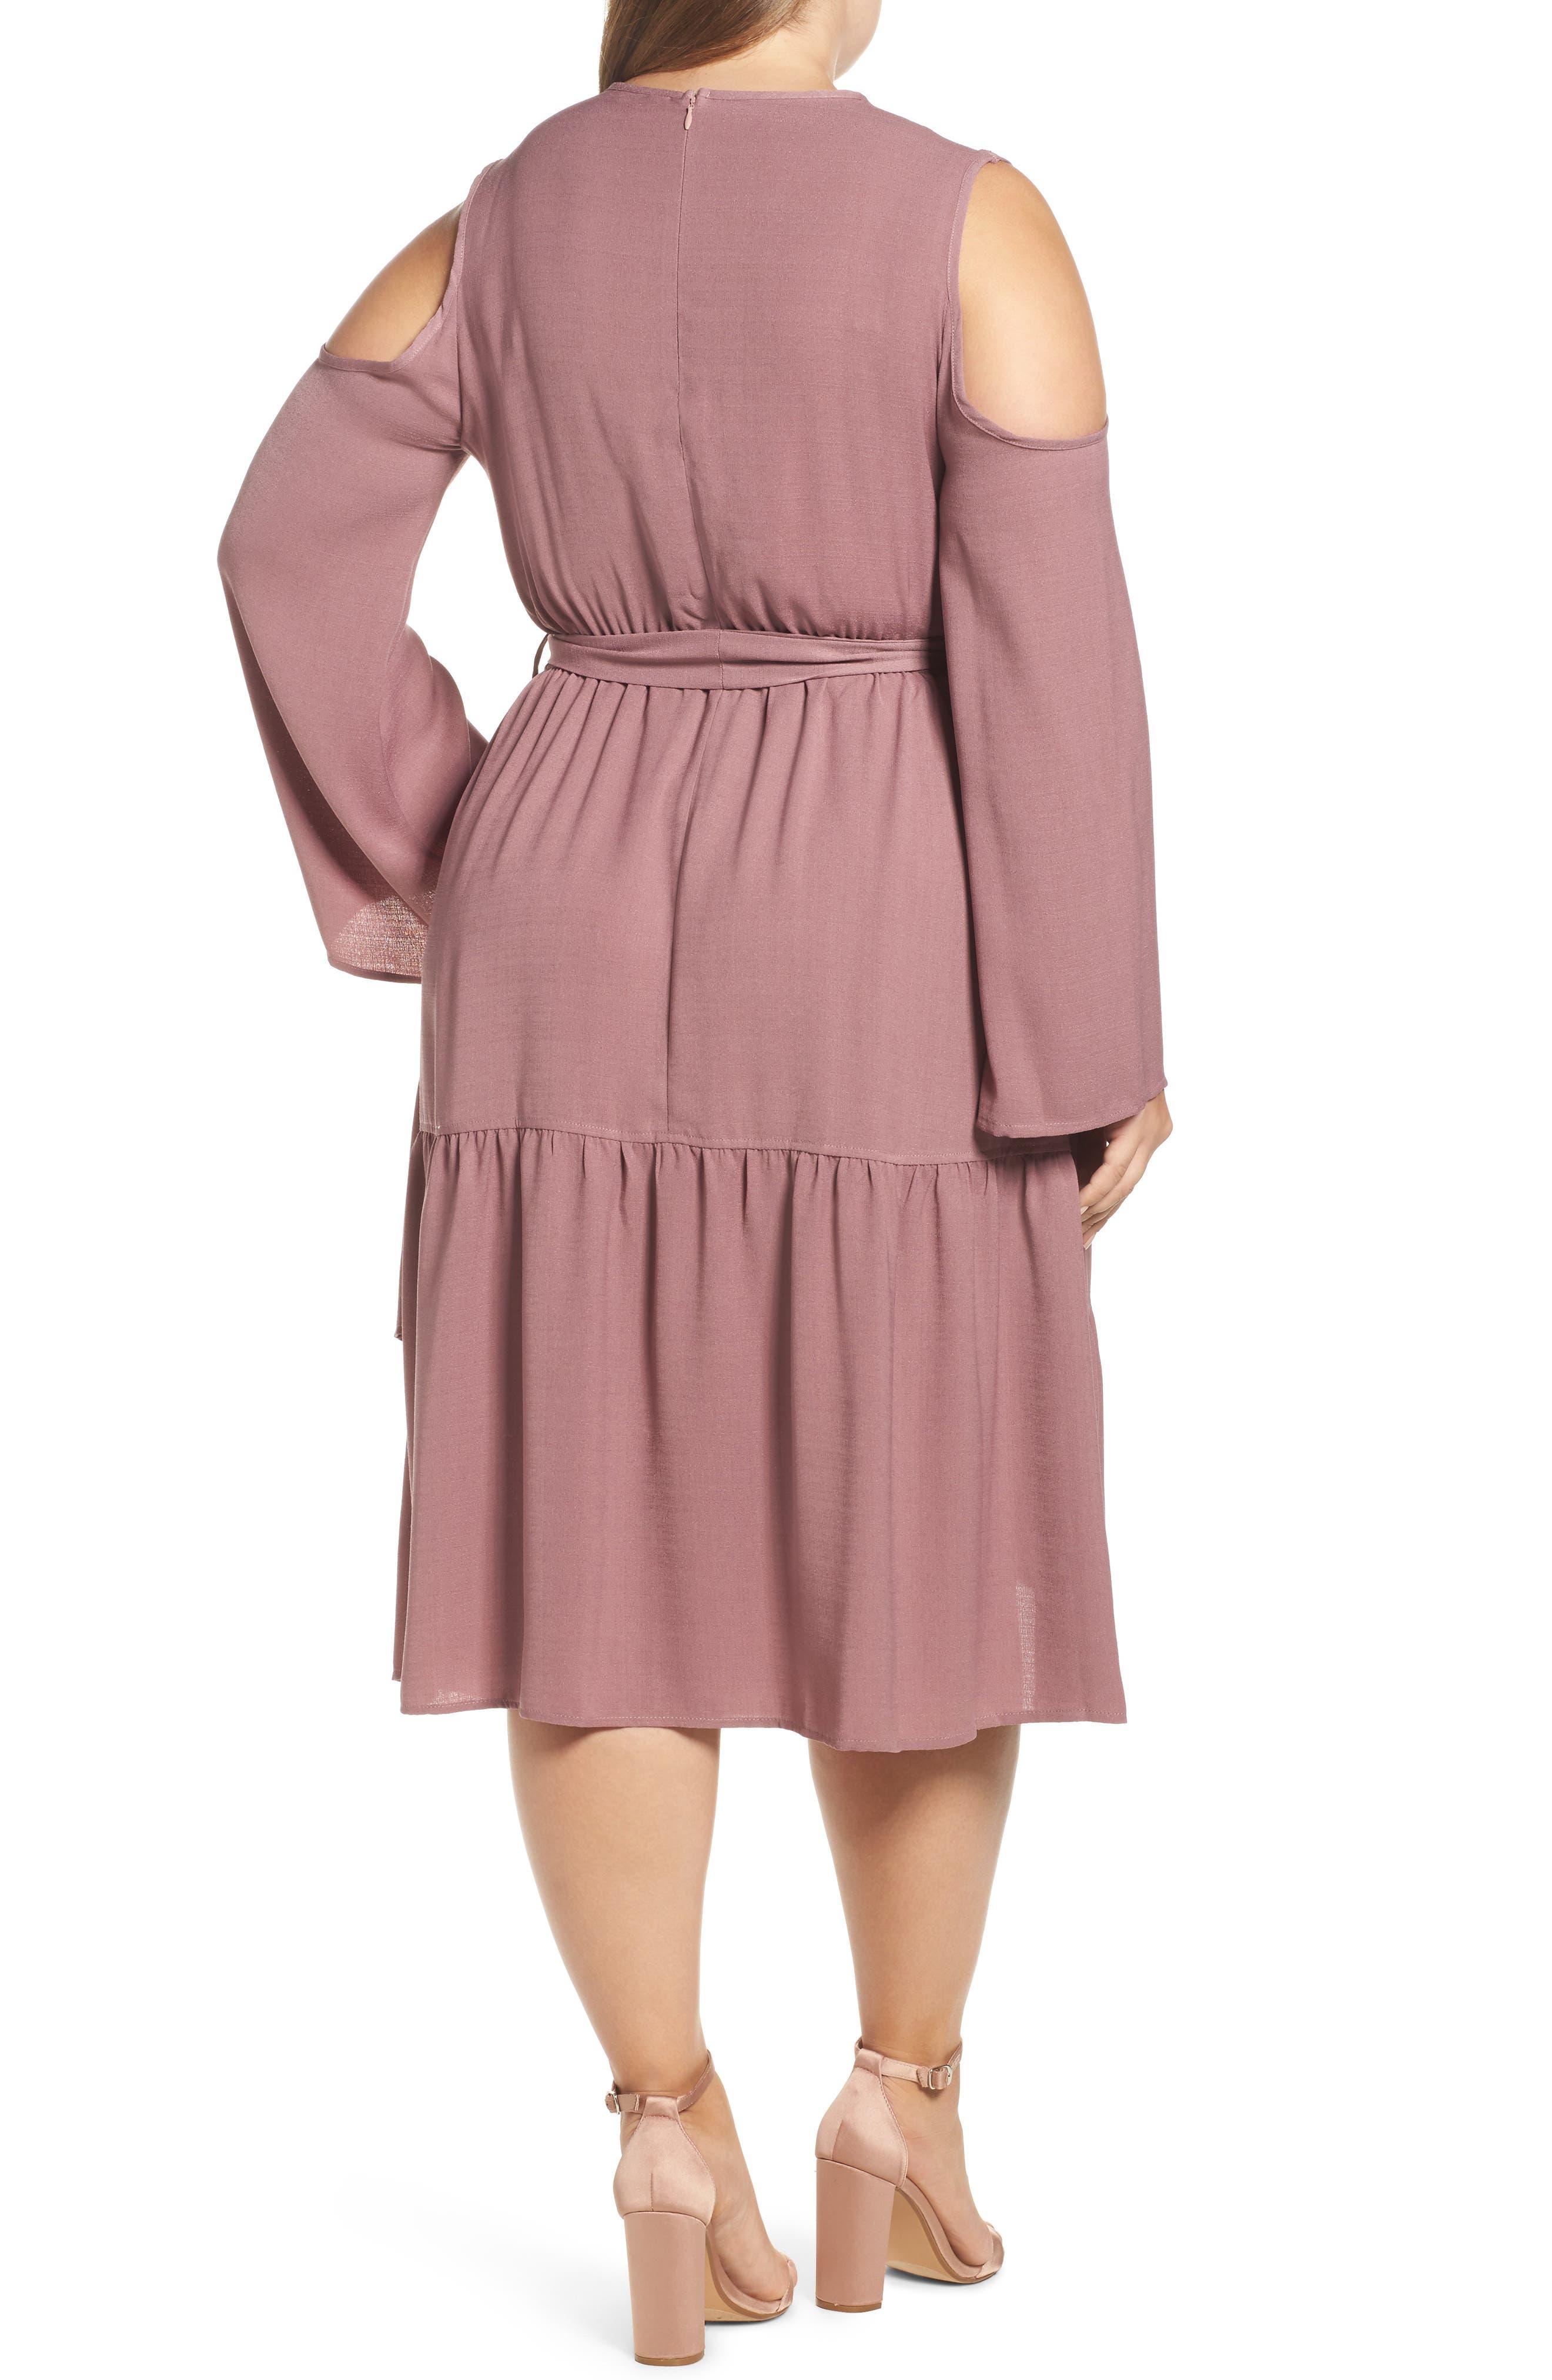 Alternate Image 3  - LOST INK Cold Shoulder A-Line Dress (Plus Size)